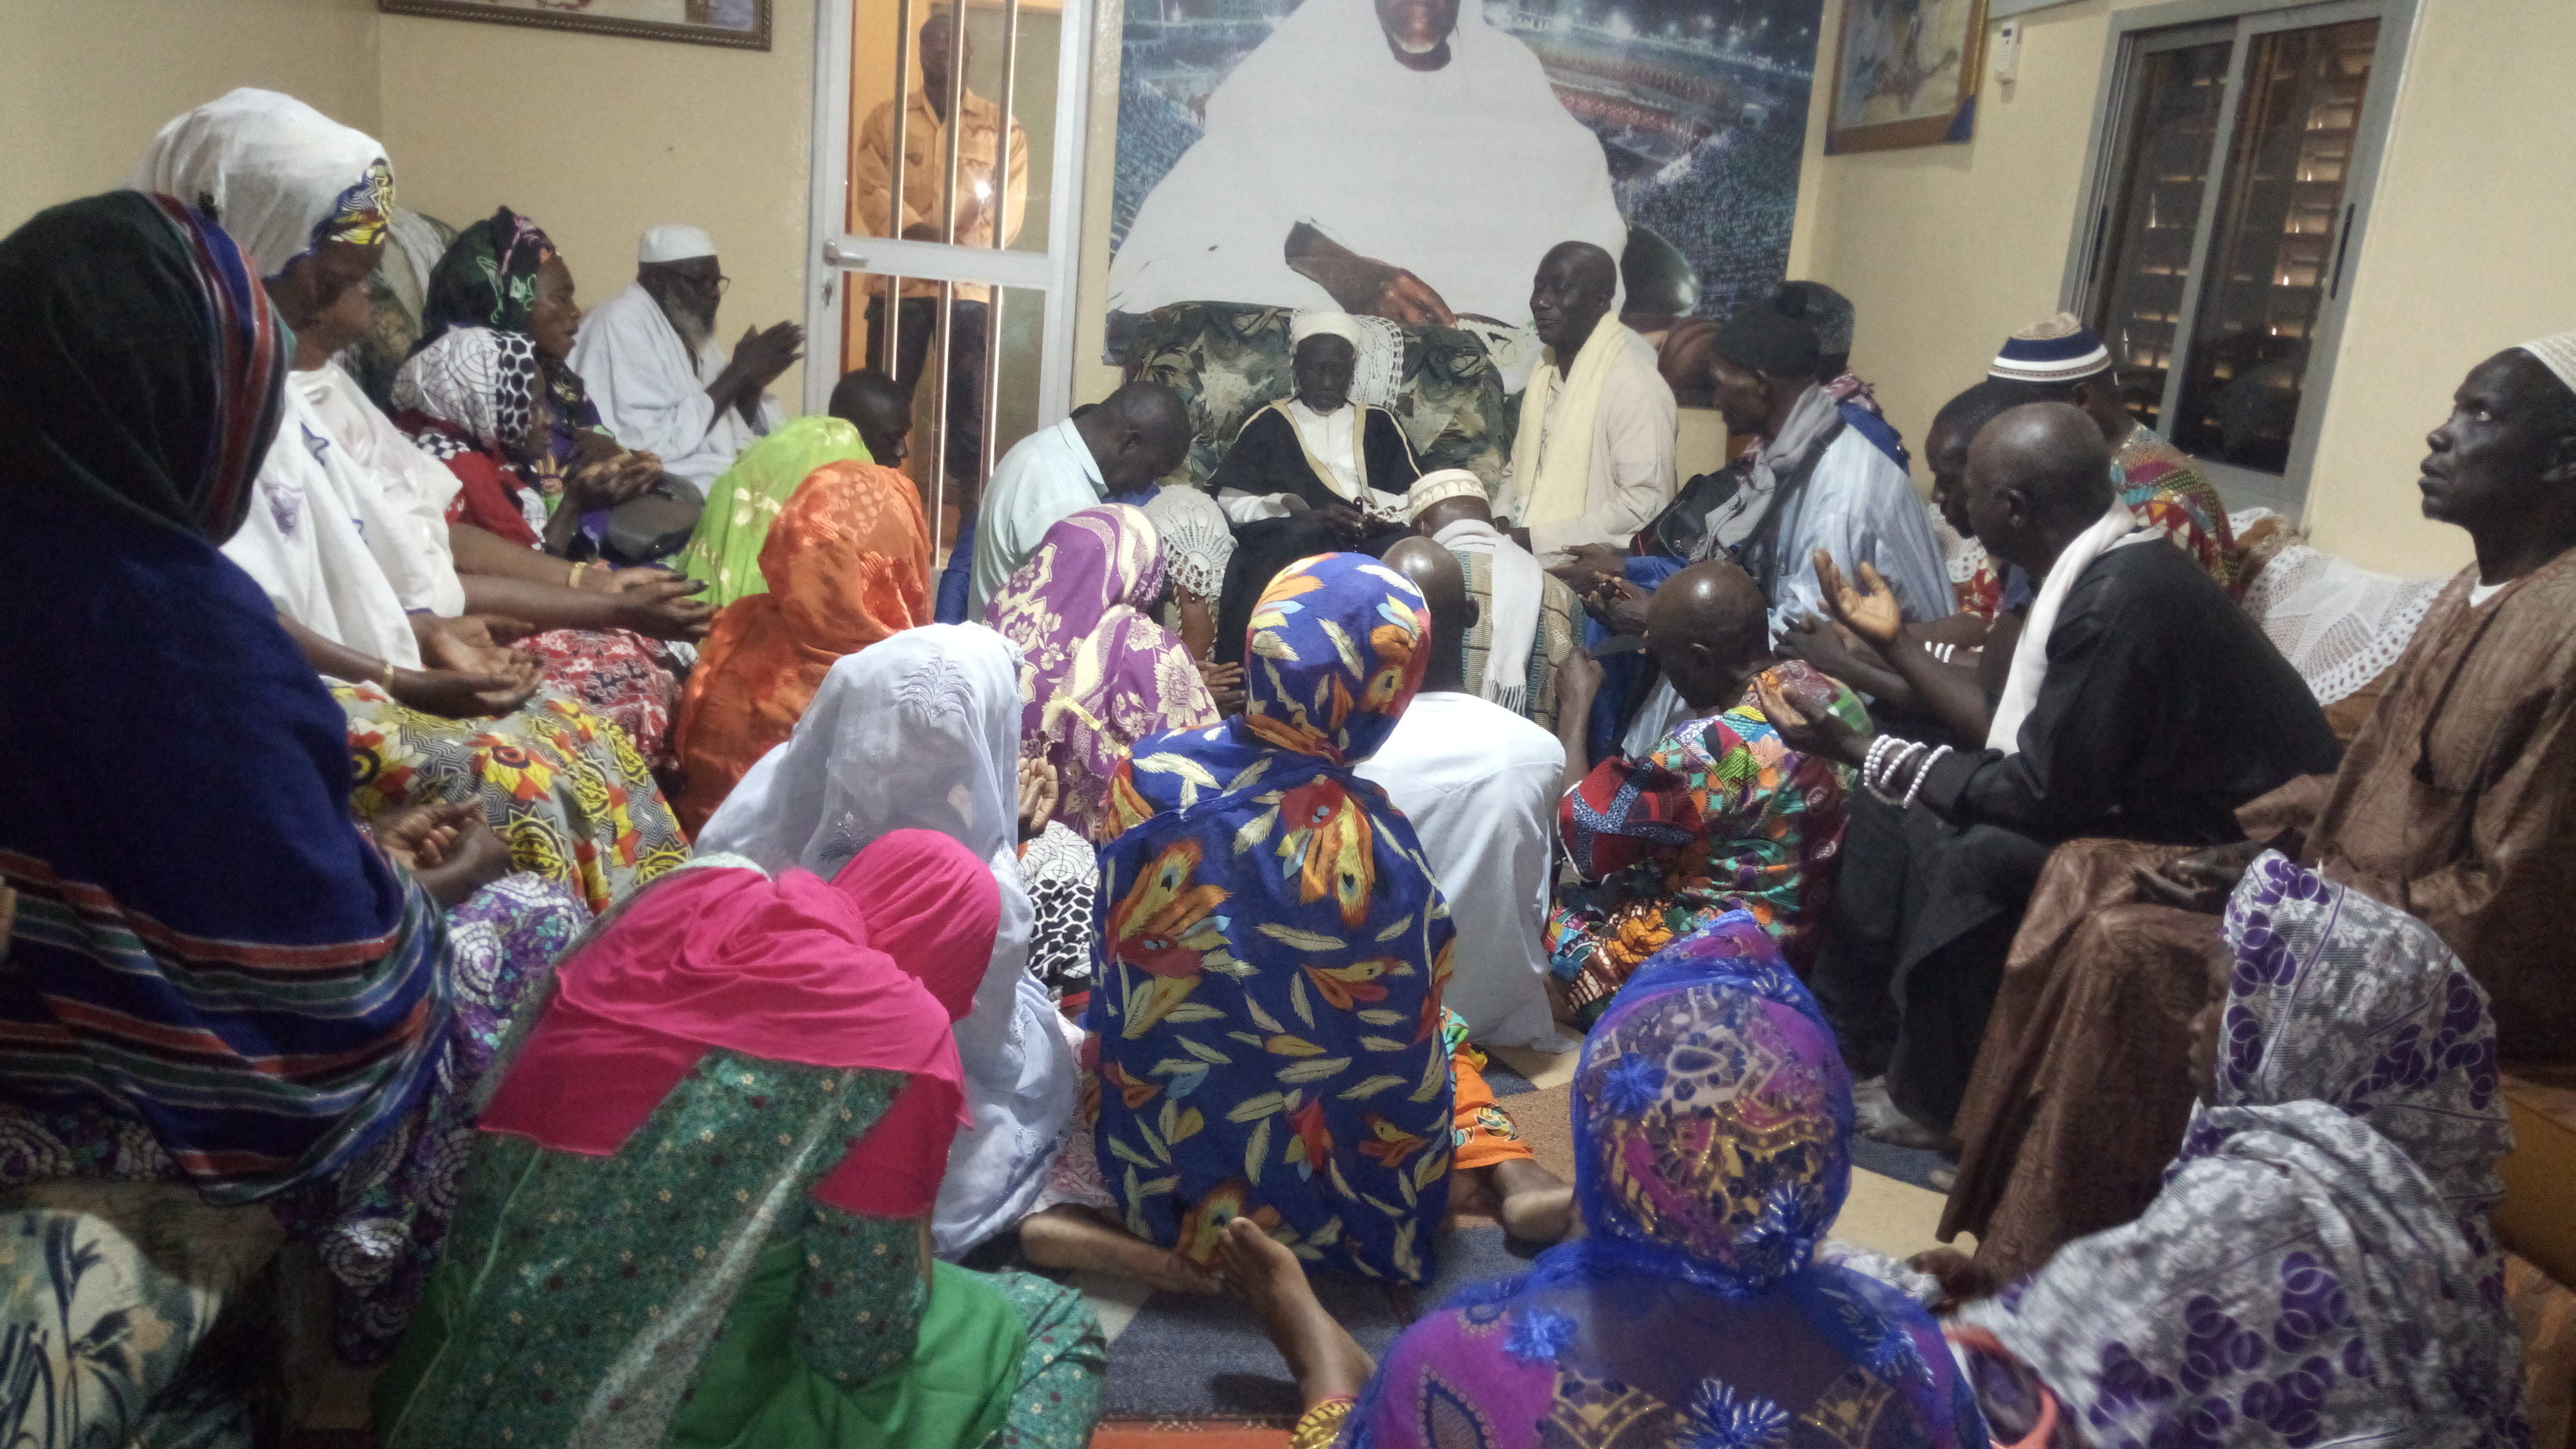 Gamou de Bignona, le Cheikh reçoit les fideles (photos)